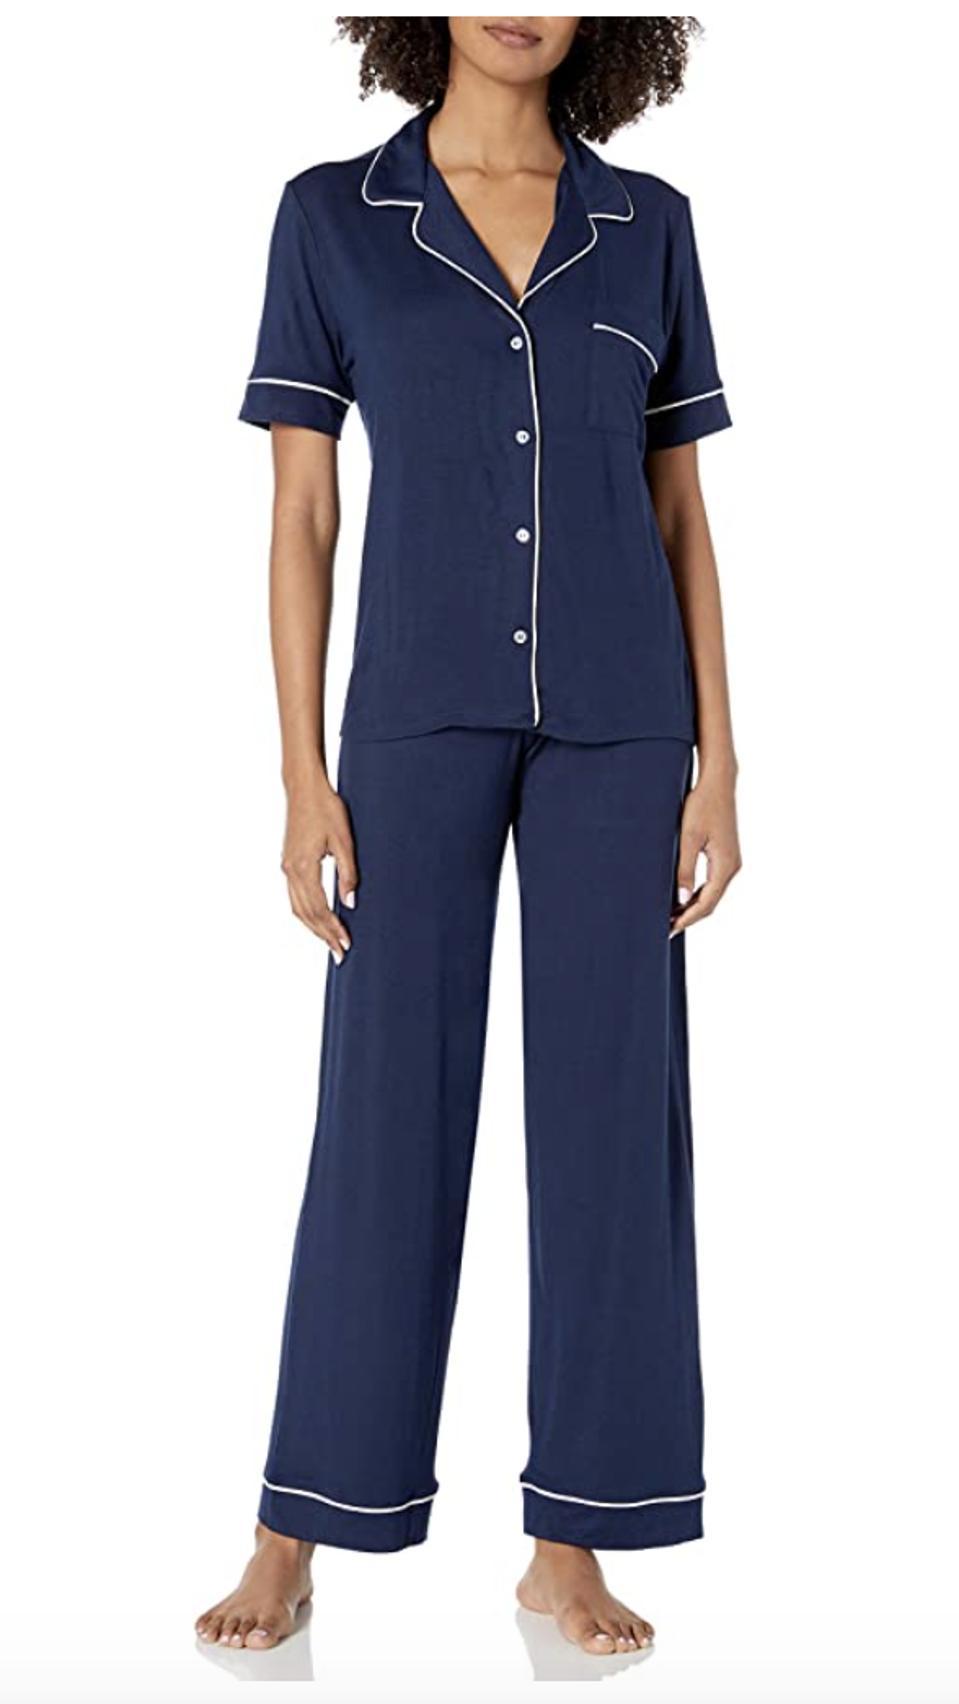 Eberjey Gisele Short Sleeve And Pant PJ Set